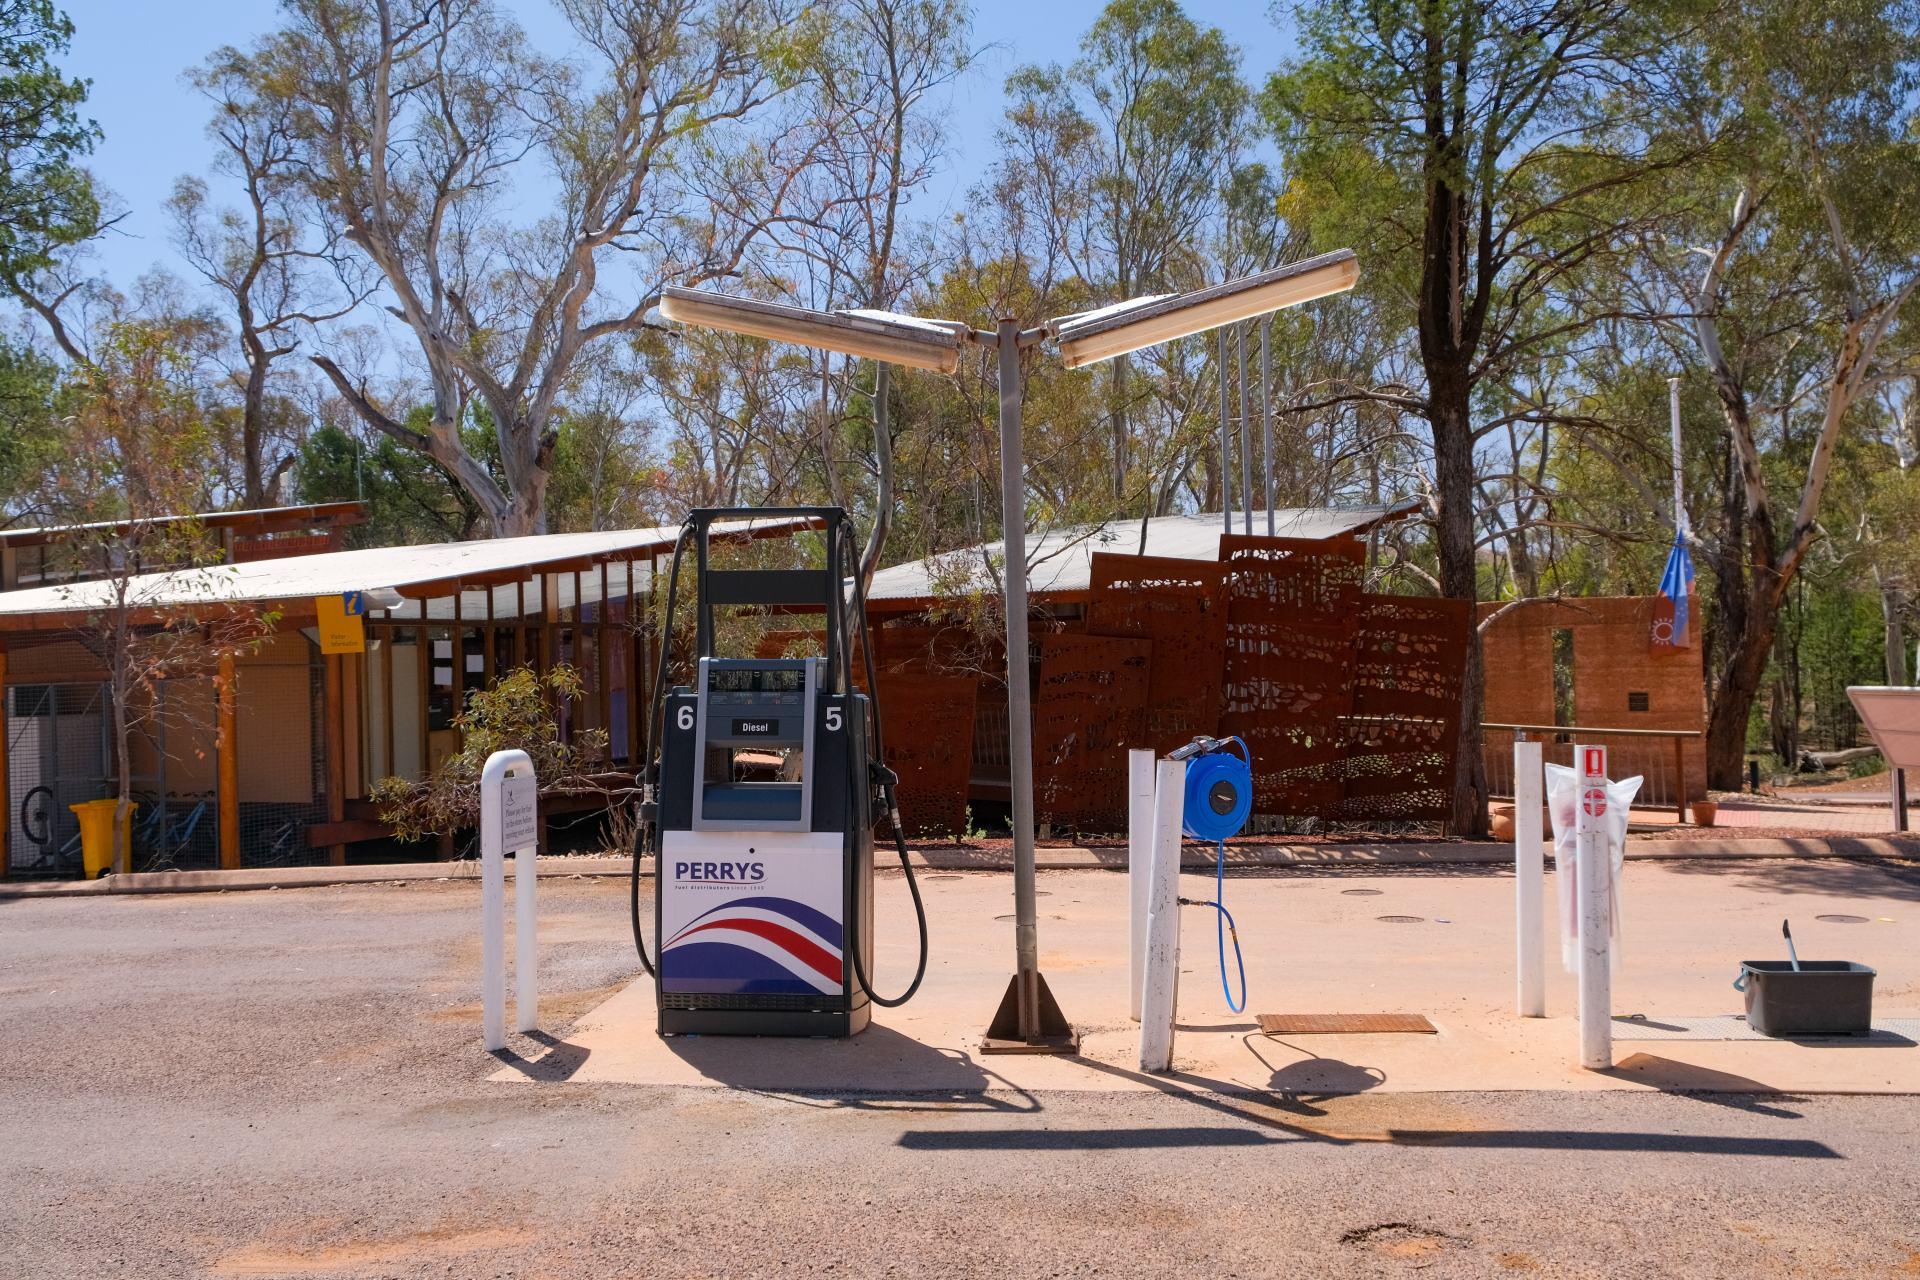 wilpena pound petrol station